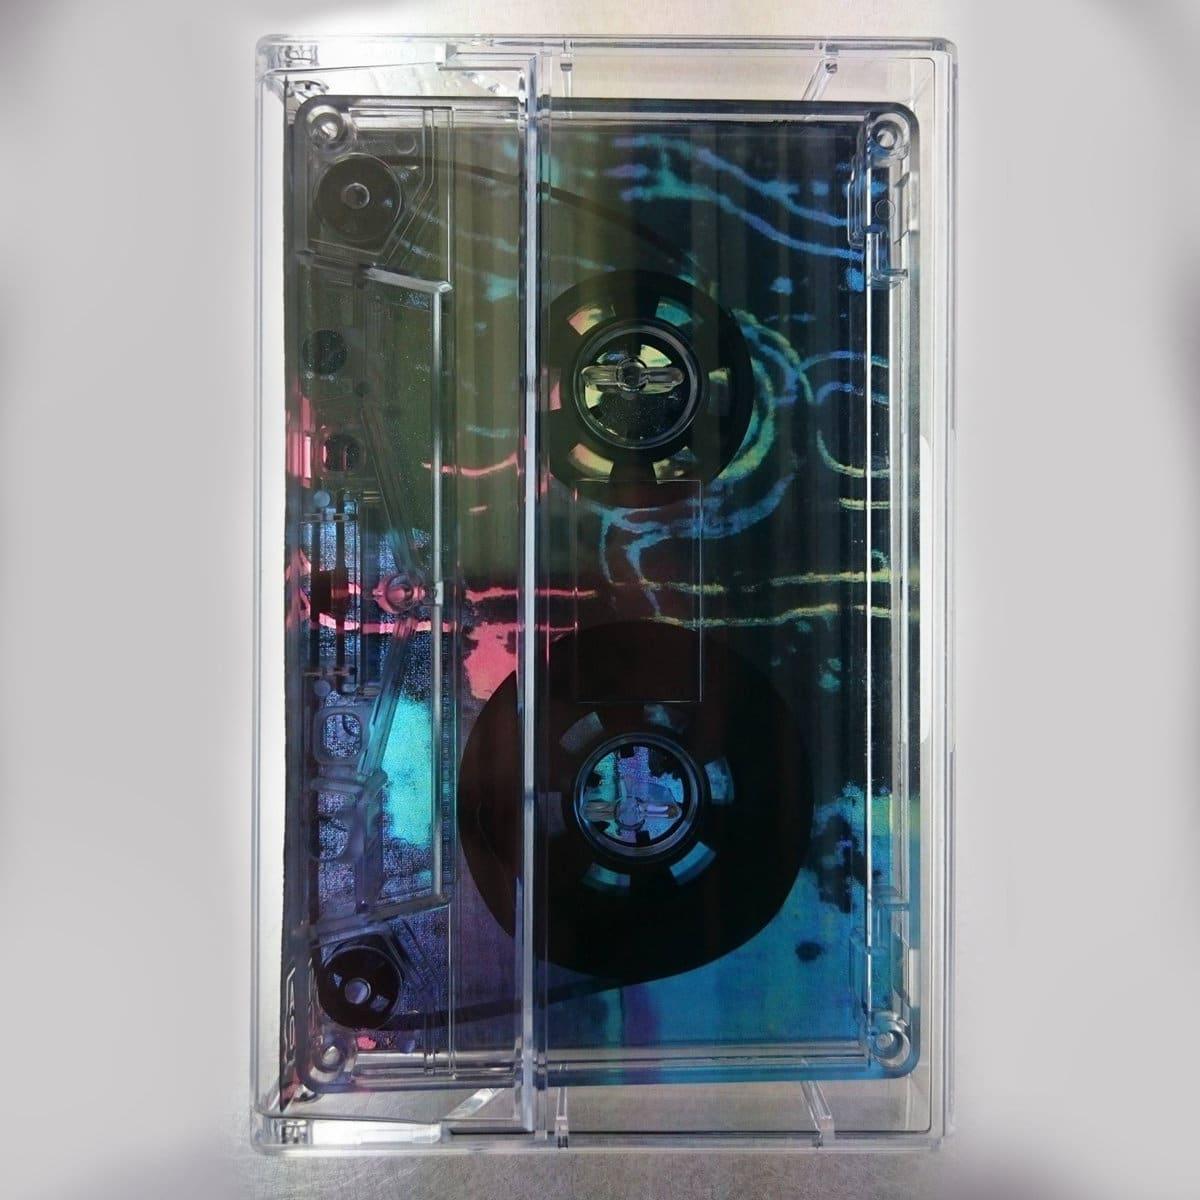 Ein Album mit Musik und Artwork aus dem Makro